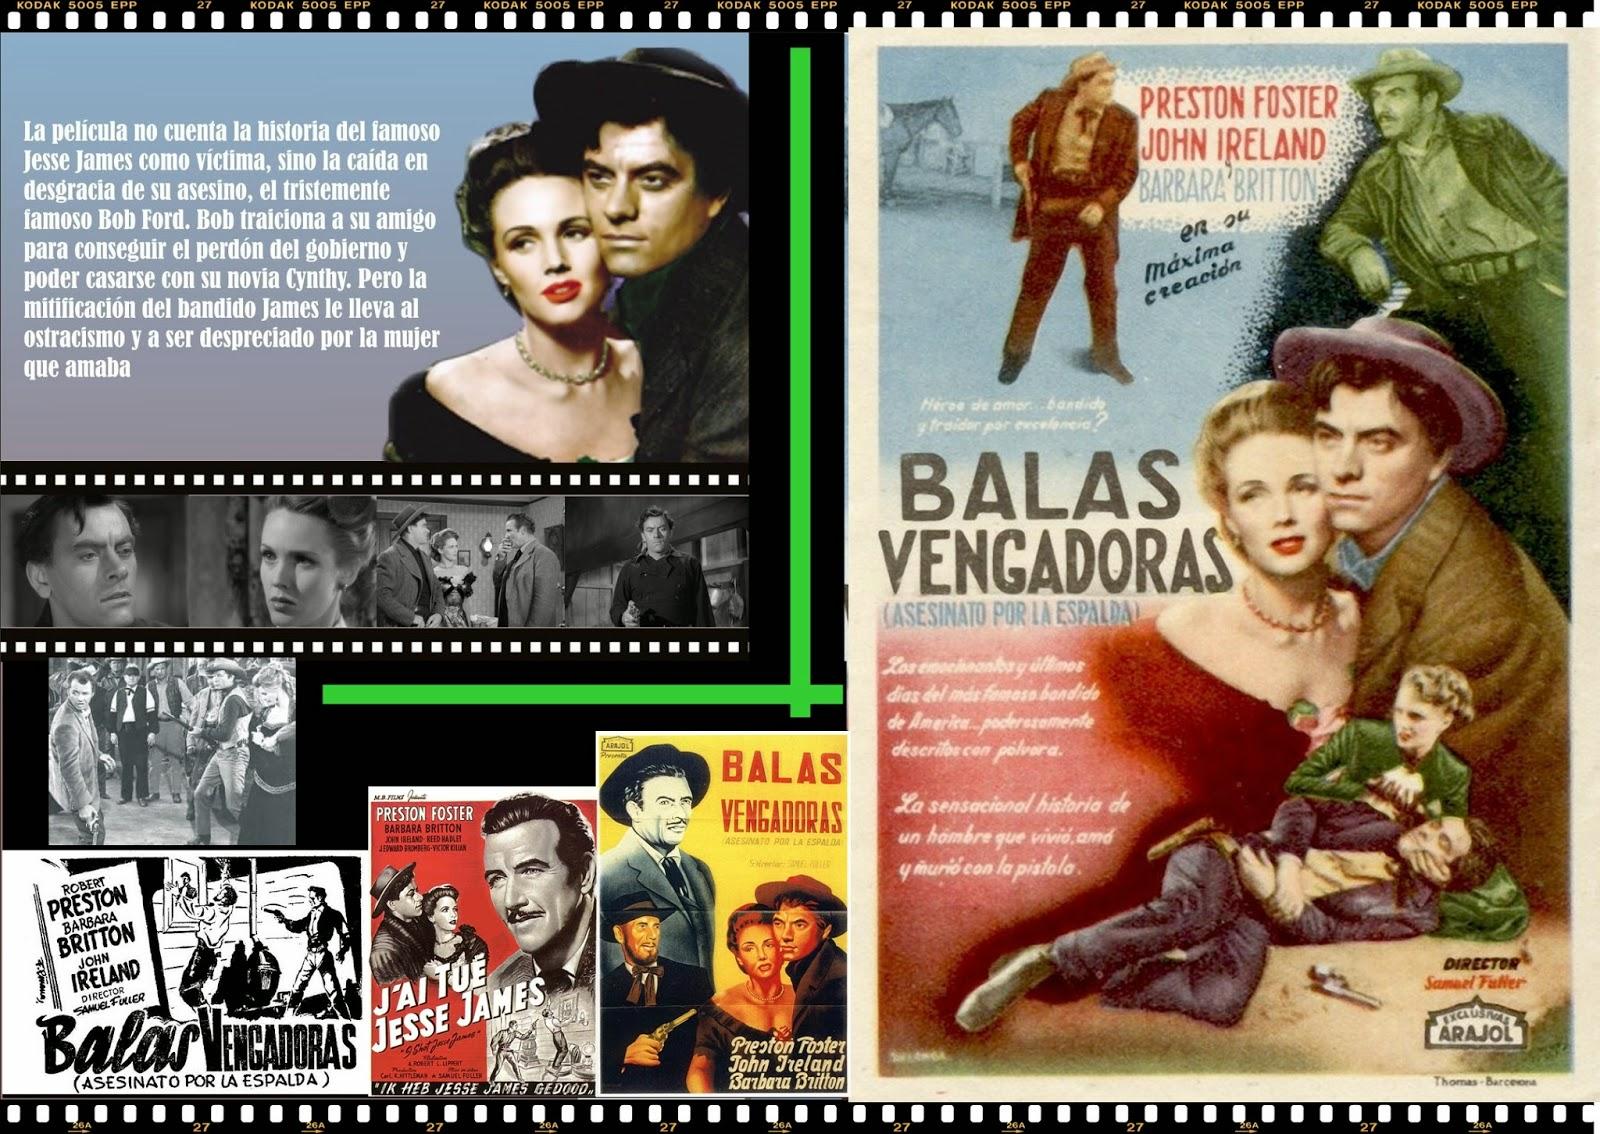 Últimas películas que has visto (las votaciones de la liga en el primer post) - Página 2 Balas_Vengadoras_-_Custom_por_jonander1_%5Bdvd%5D_80